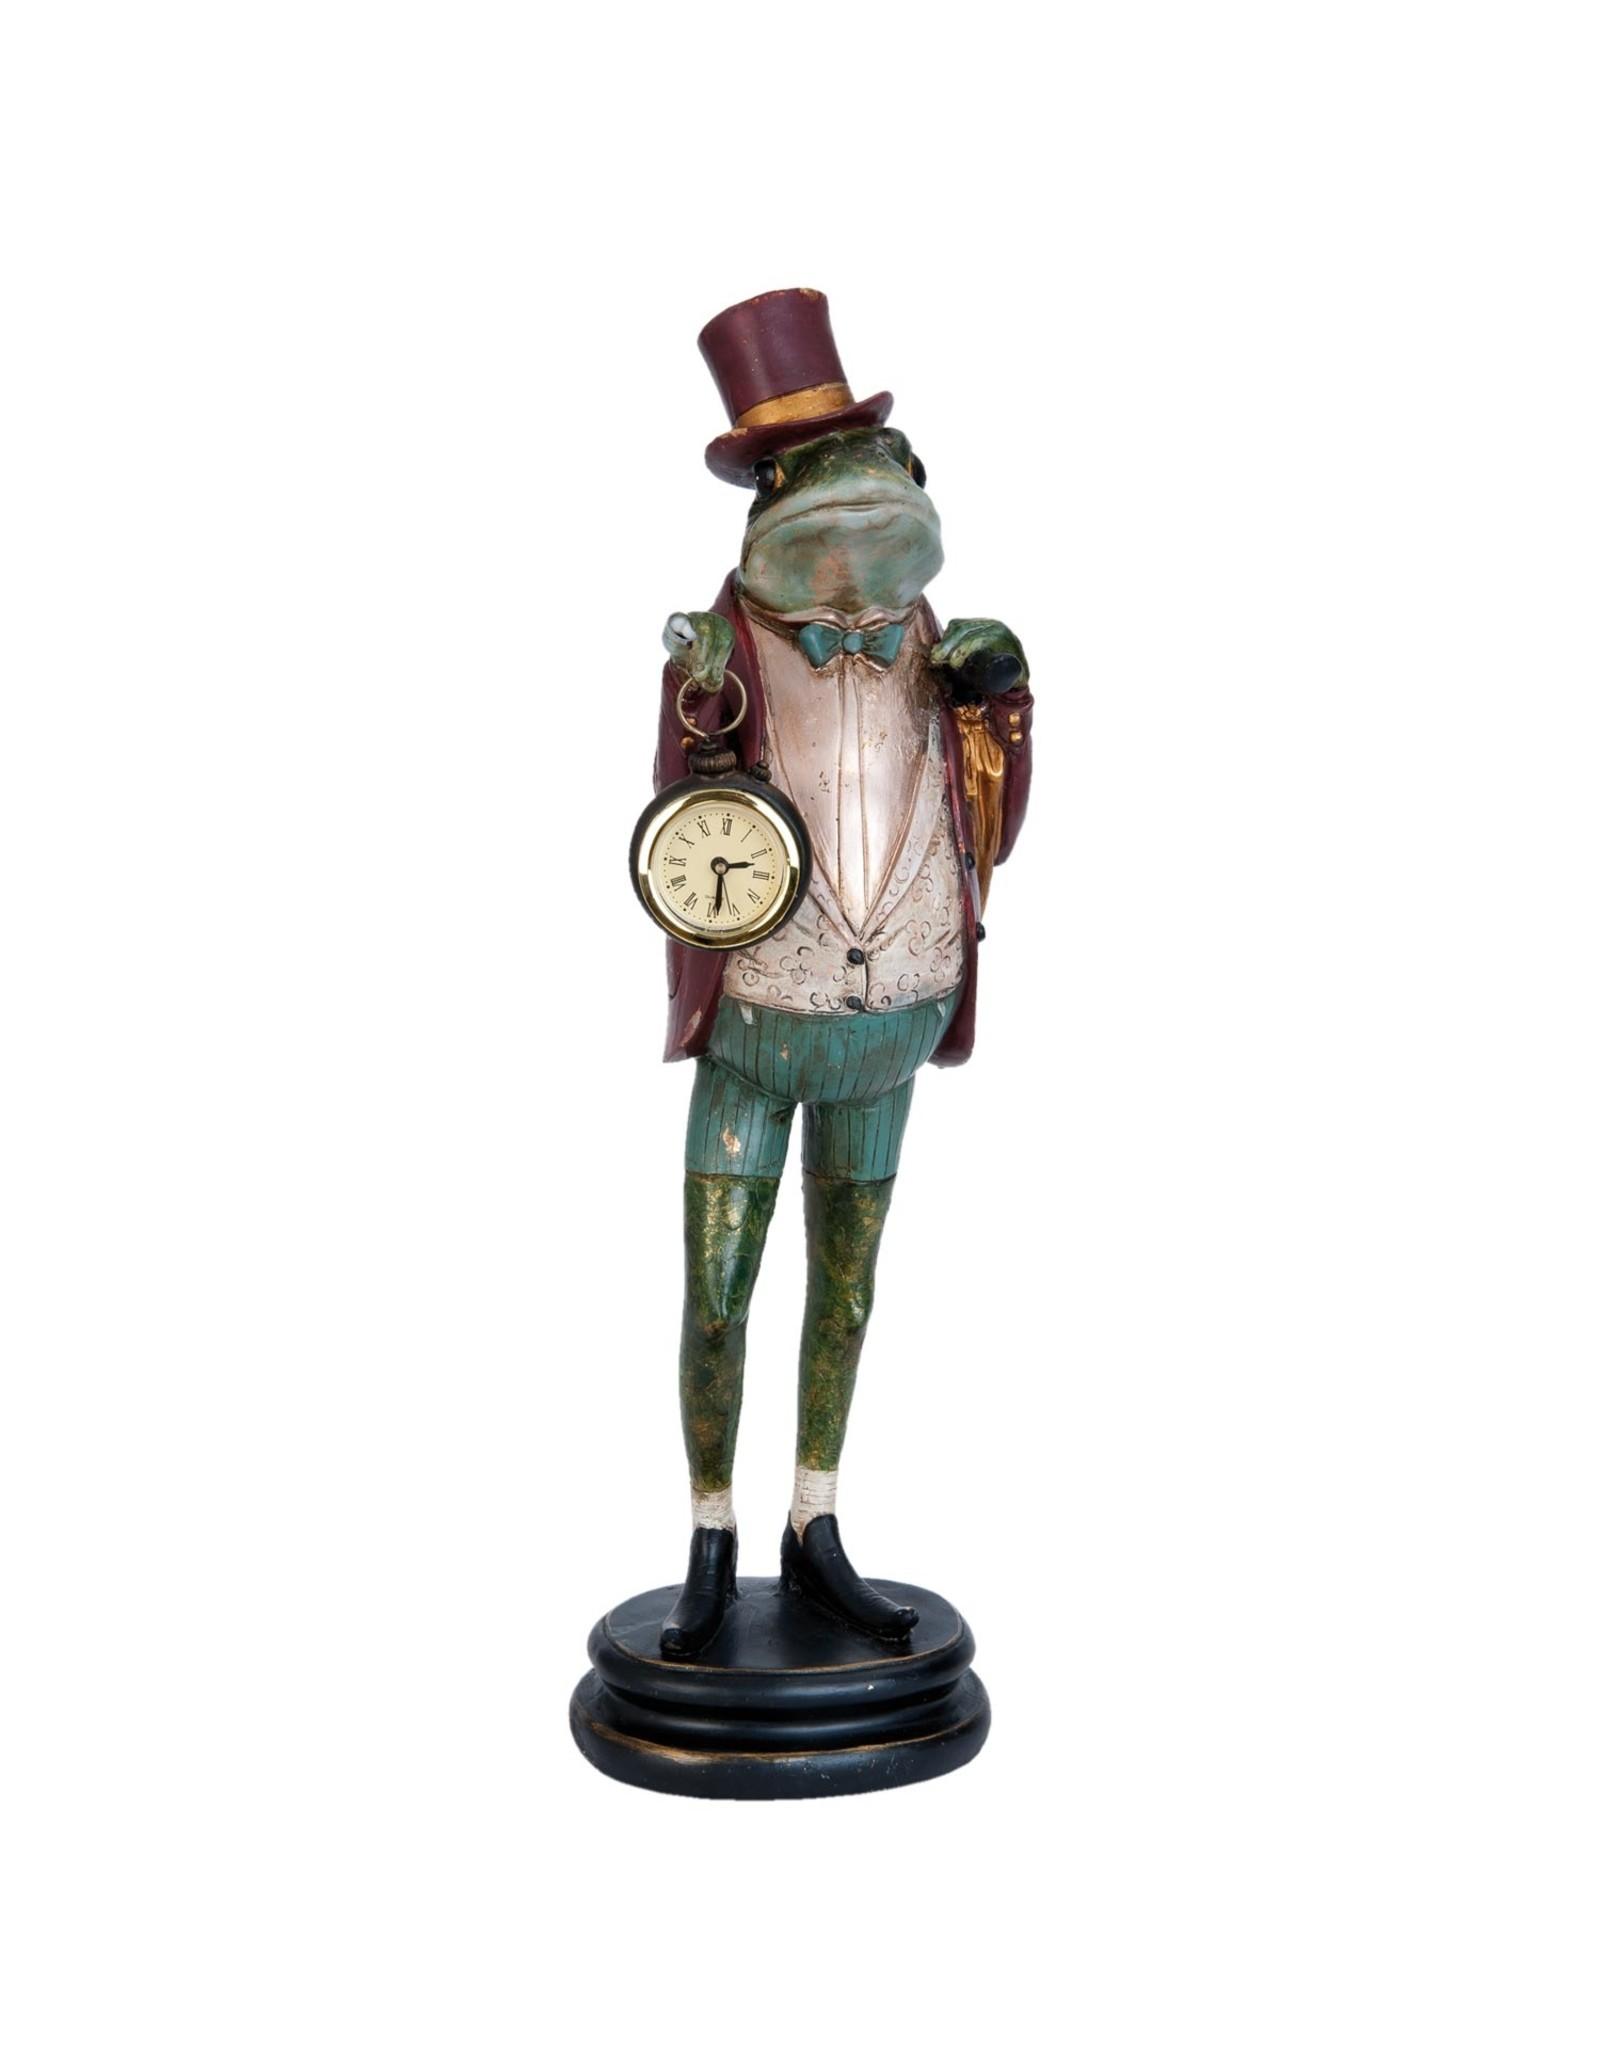 Giftware Beelden Collectables  - Kikker met echte klok beeld 44cm